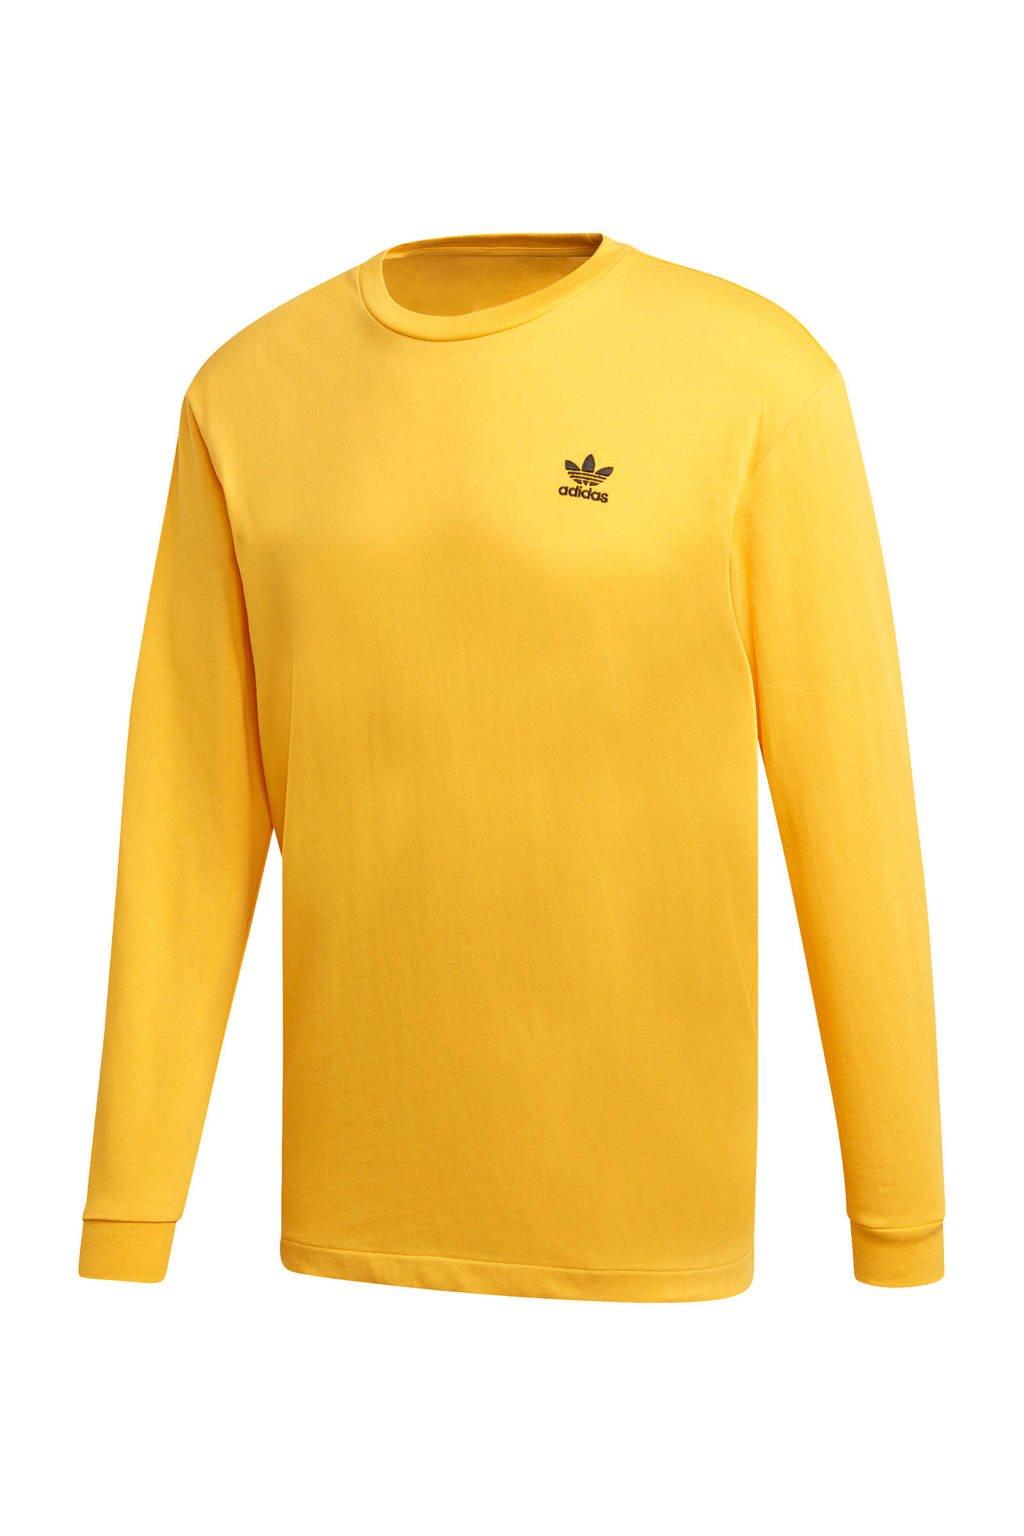 adidas Originals sweater geel, Geel